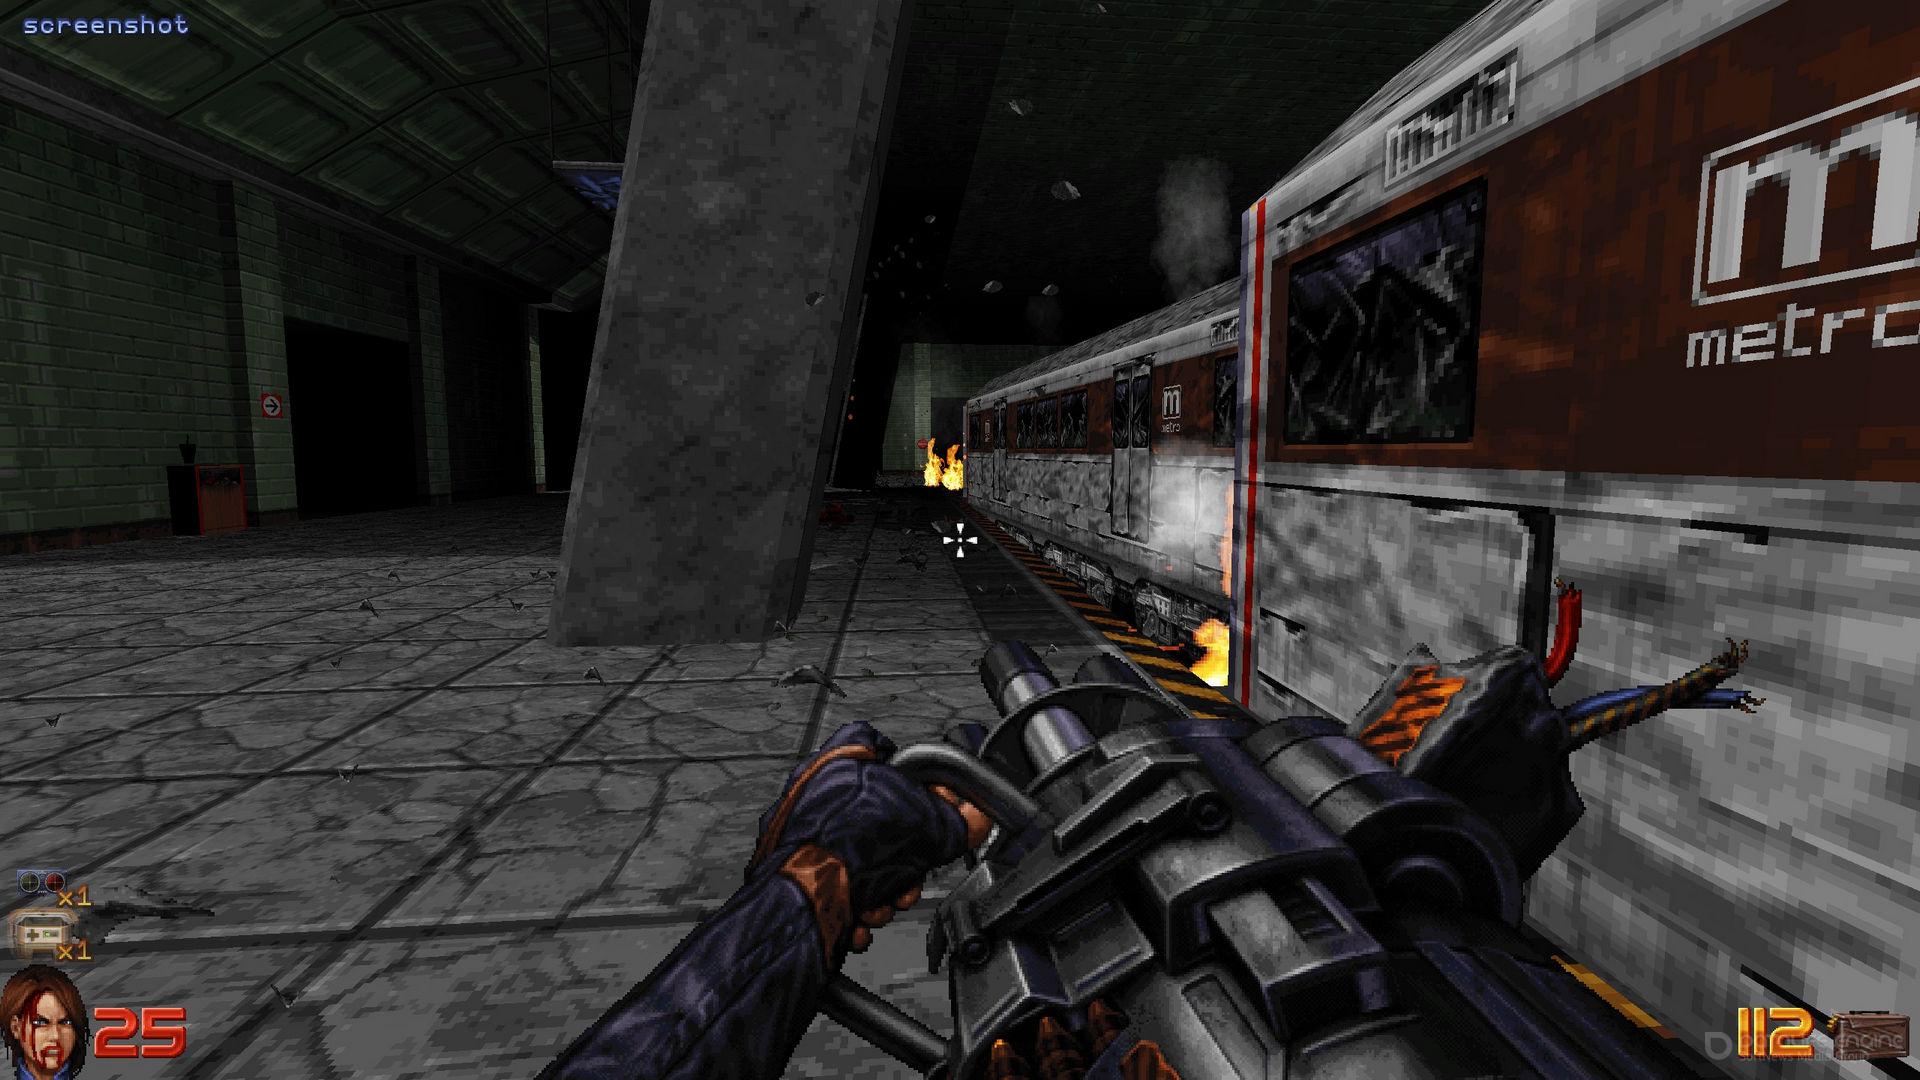 Скриншот к игре Ion Fury v.1.1 [GOG] (2019) скачать торрент Лицензия